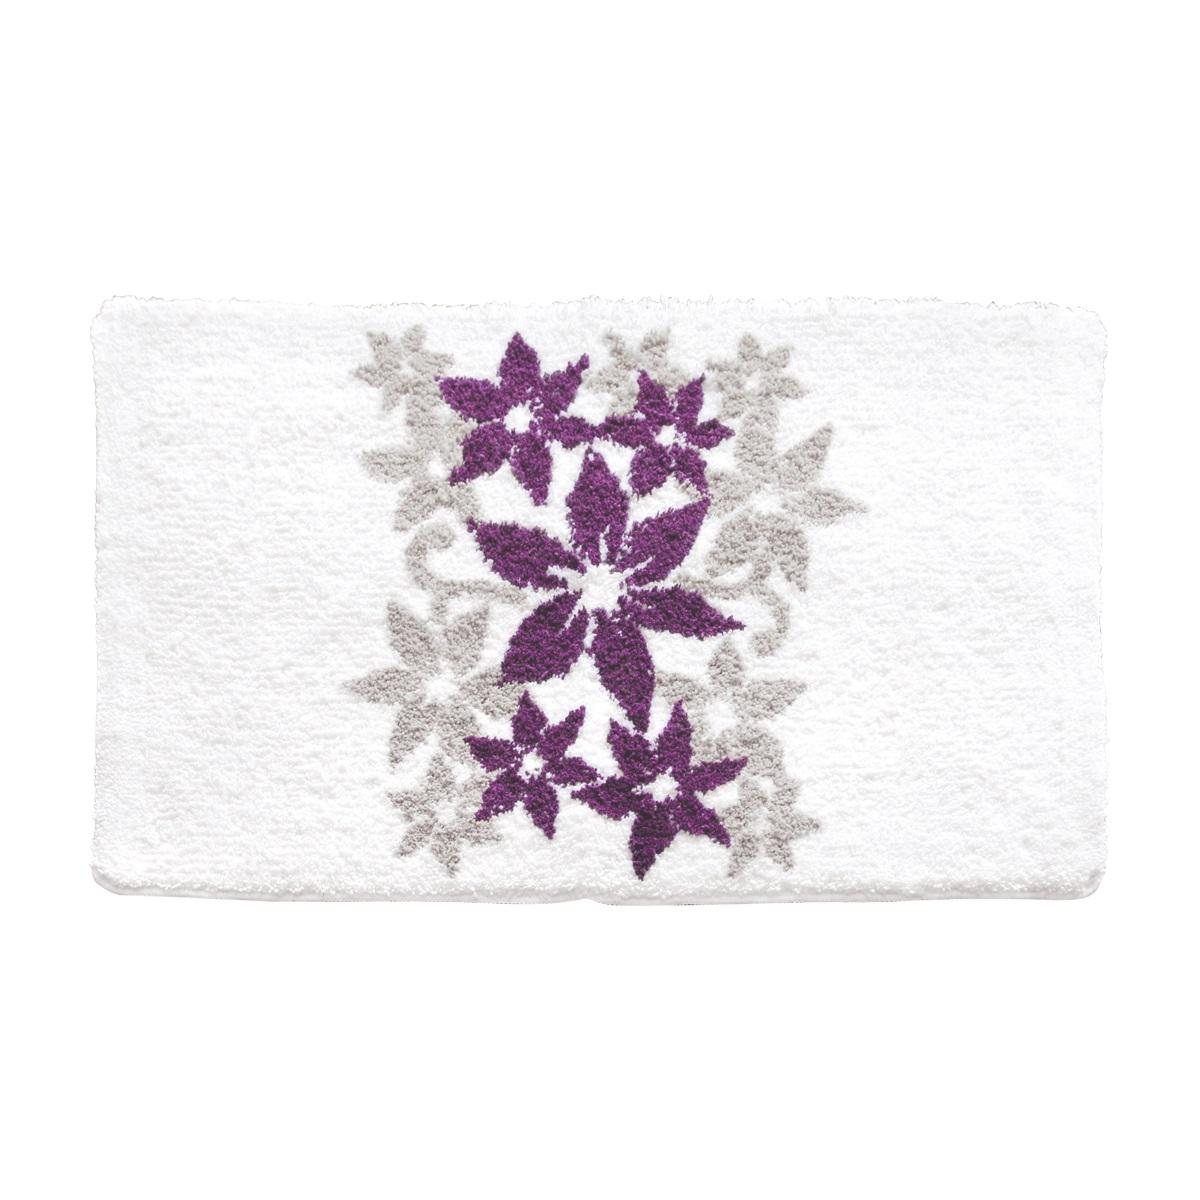 Коврик для ванной Iddis Hawaii times, цвет: белый, 60 х 90 см коврик для ванной iddis curved lines 50x80 см 402a580i12